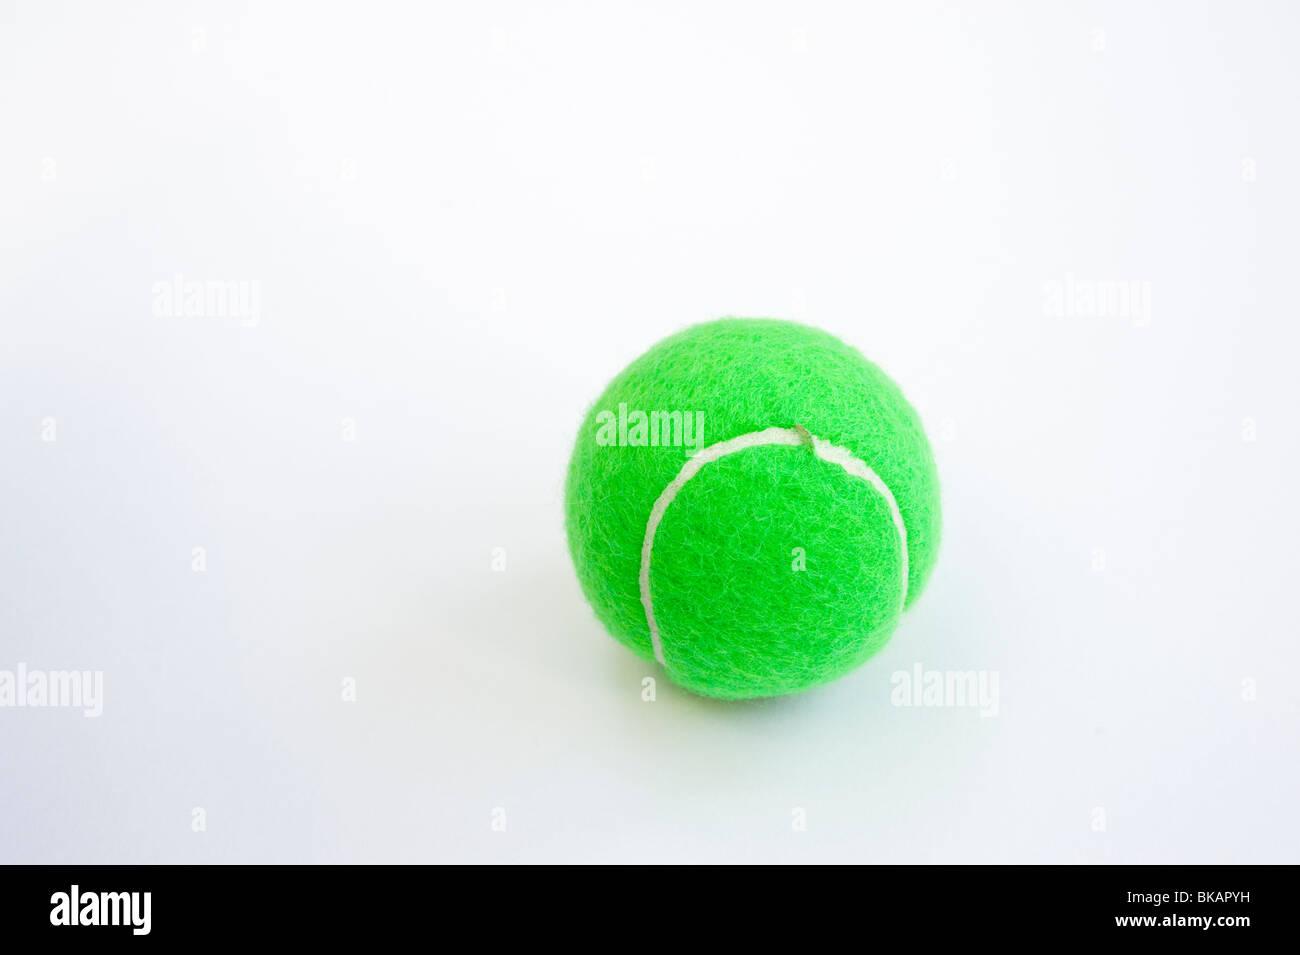 026a1843c7423 Balle de tennis verte utilisée pour les enfants's tennis Banque D ...